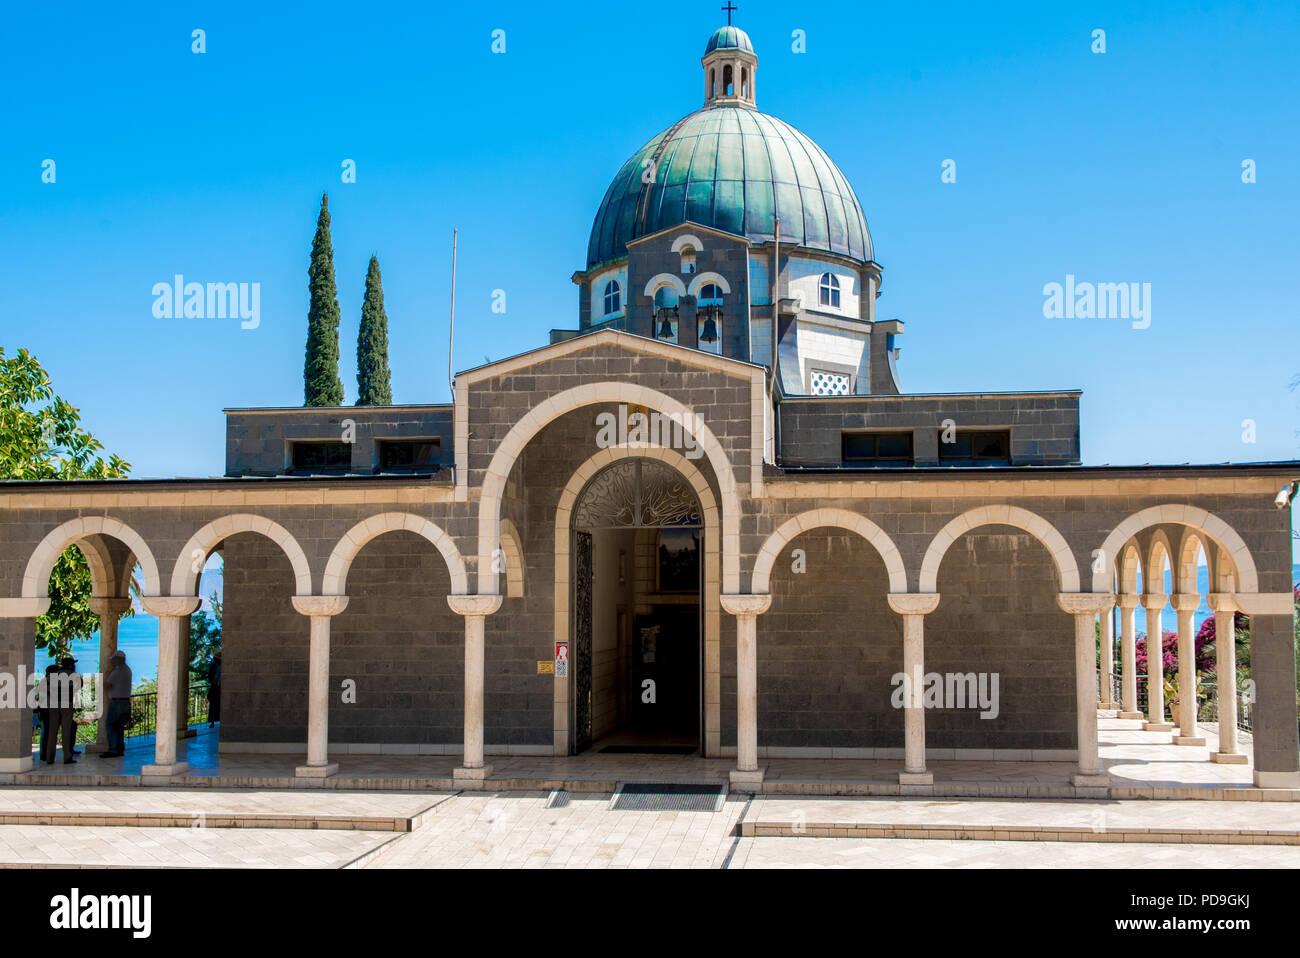 Kirche der Seligpreisungen, Israel, die Fassade und die Kuppel, dem Ort, wo Jesus die Bergpredigt gab mit der See Genezareth in der backgro Stockbild